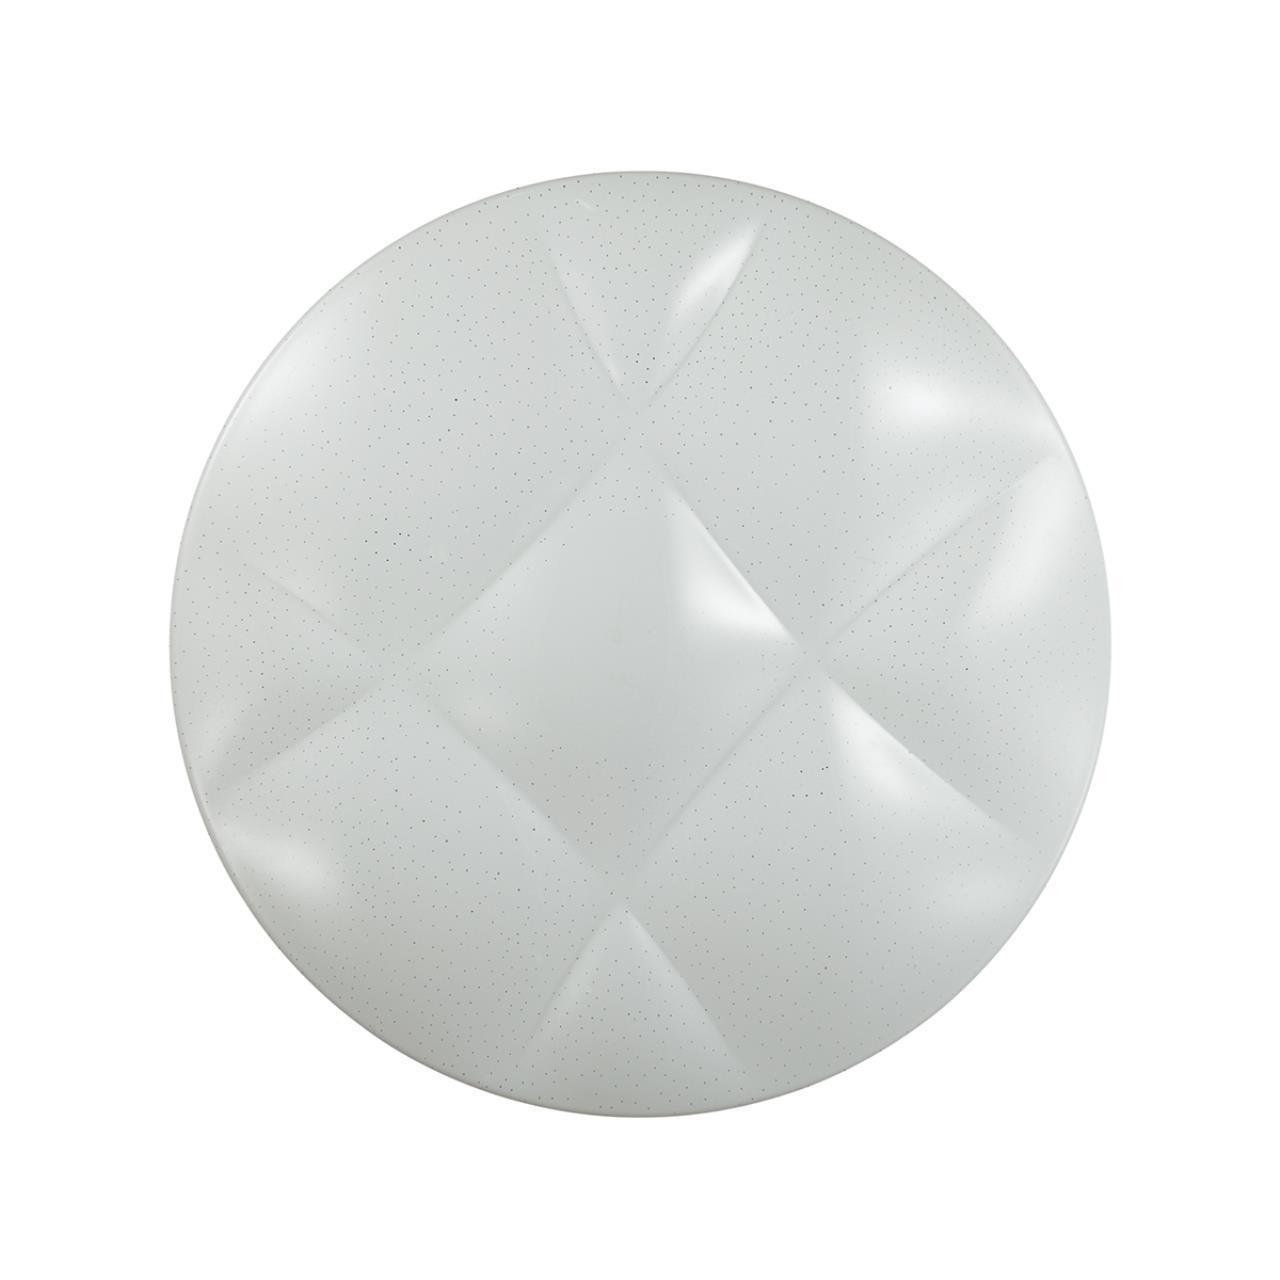 2087/EL SN 052 св-к RUSTA пластик LED 72Вт 3000-6000K D540 IP43 пульт ДУ